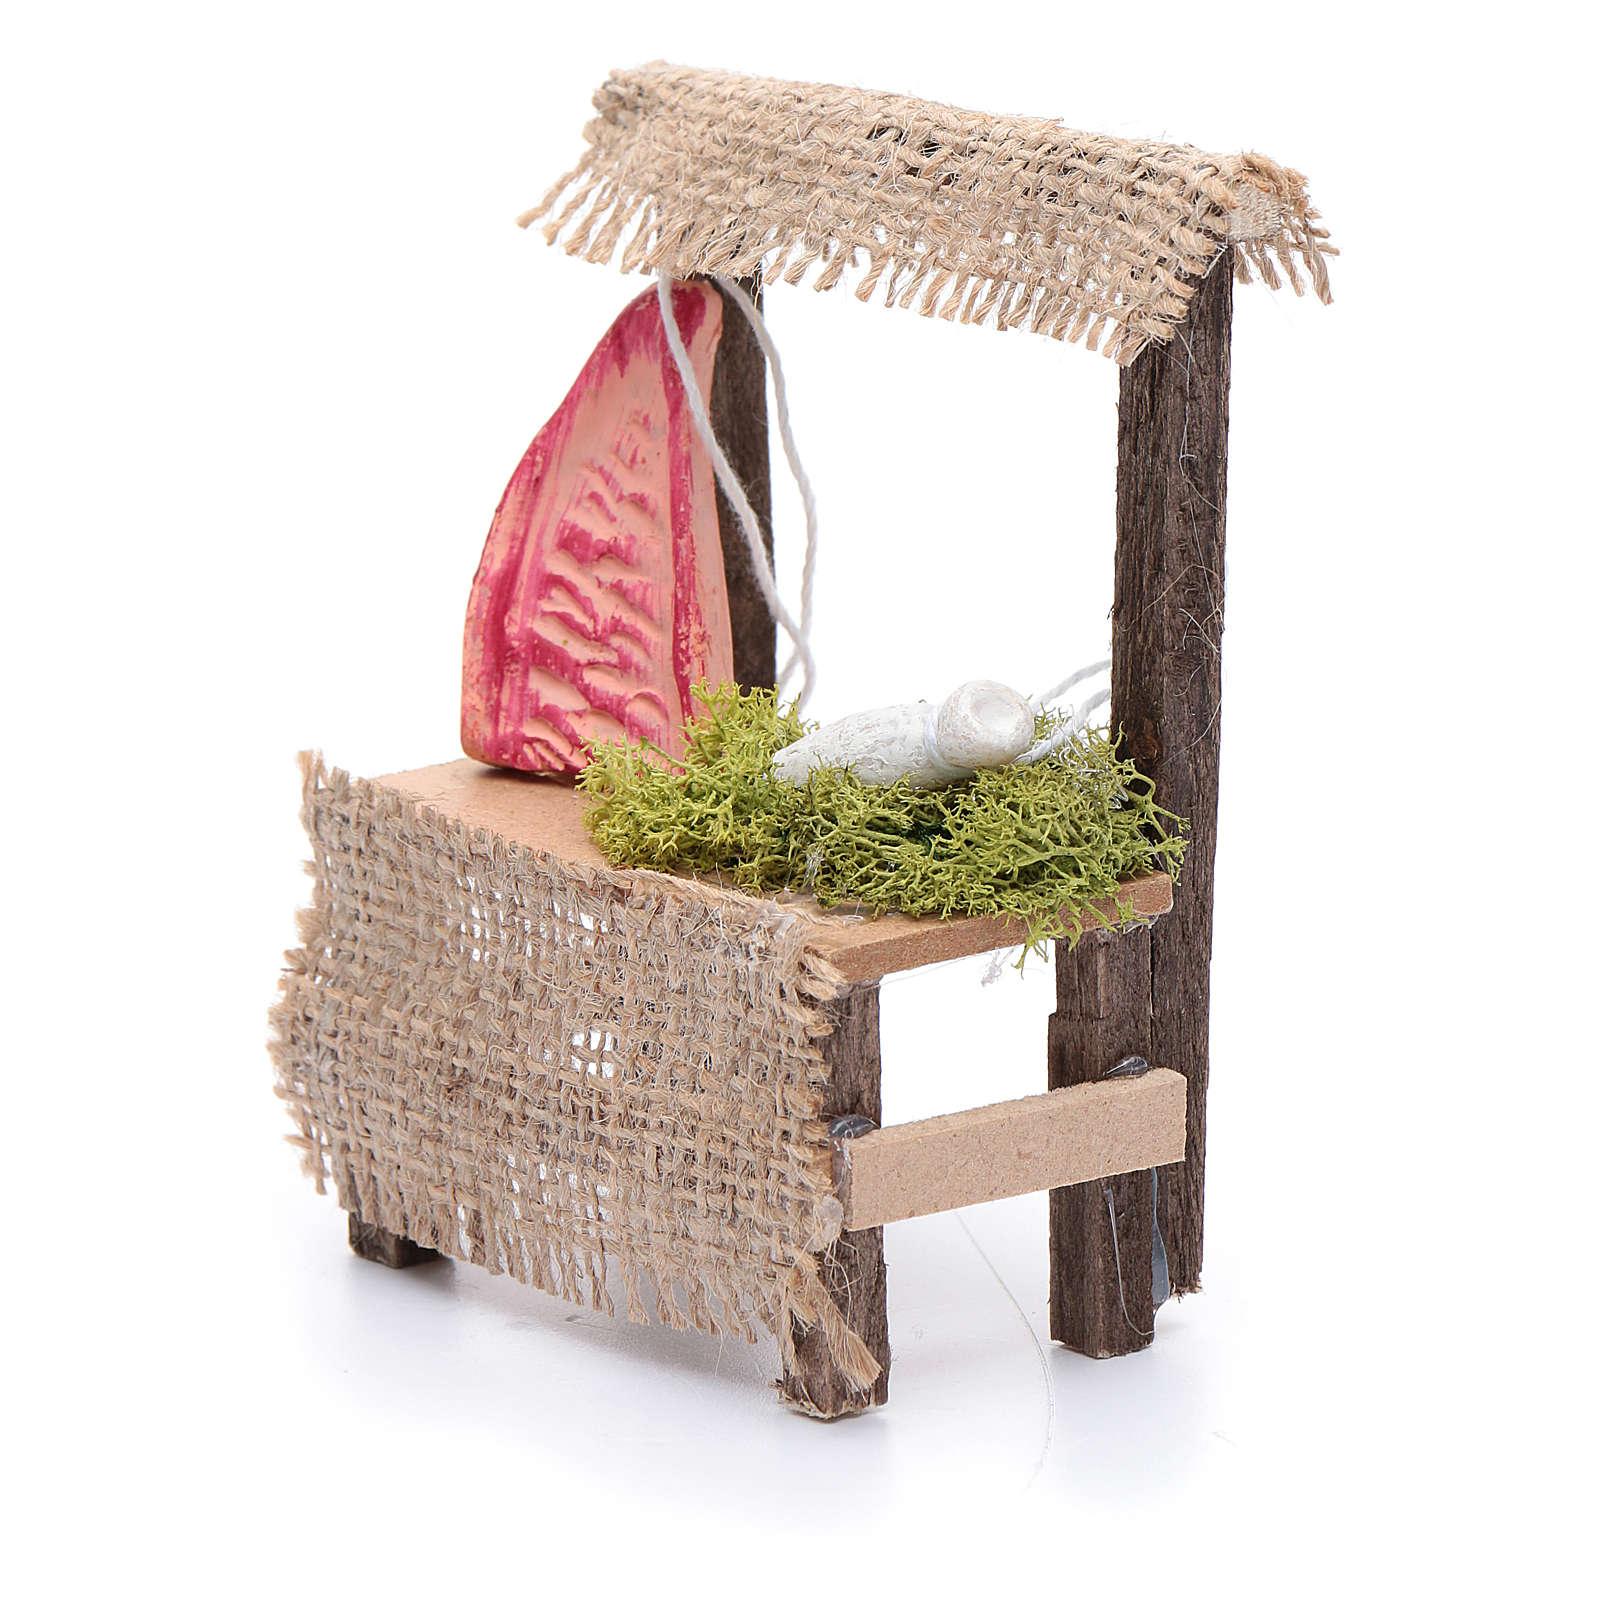 Banchetto in legno 10x5x5 cm carne accessorio presepe 4